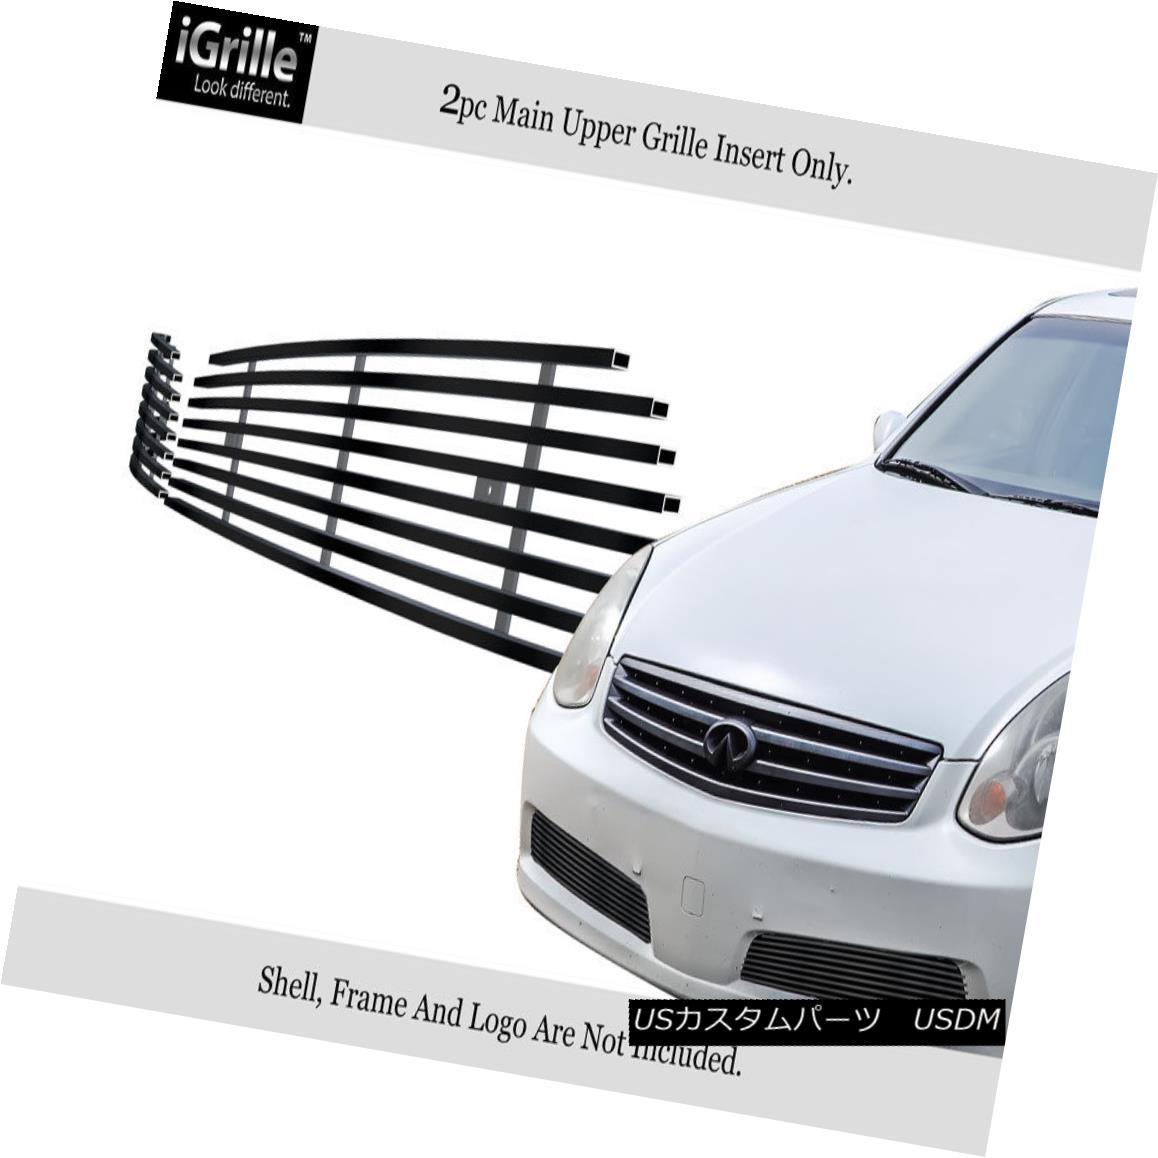 グリル Fits 05-06 Infiniti G35 Sedan Black Bumper Stainless Steel Billet Grille Insert フィット05-06インフィニティG35セダンブラックバンパーステンレス鋼ビレットグリルインサート